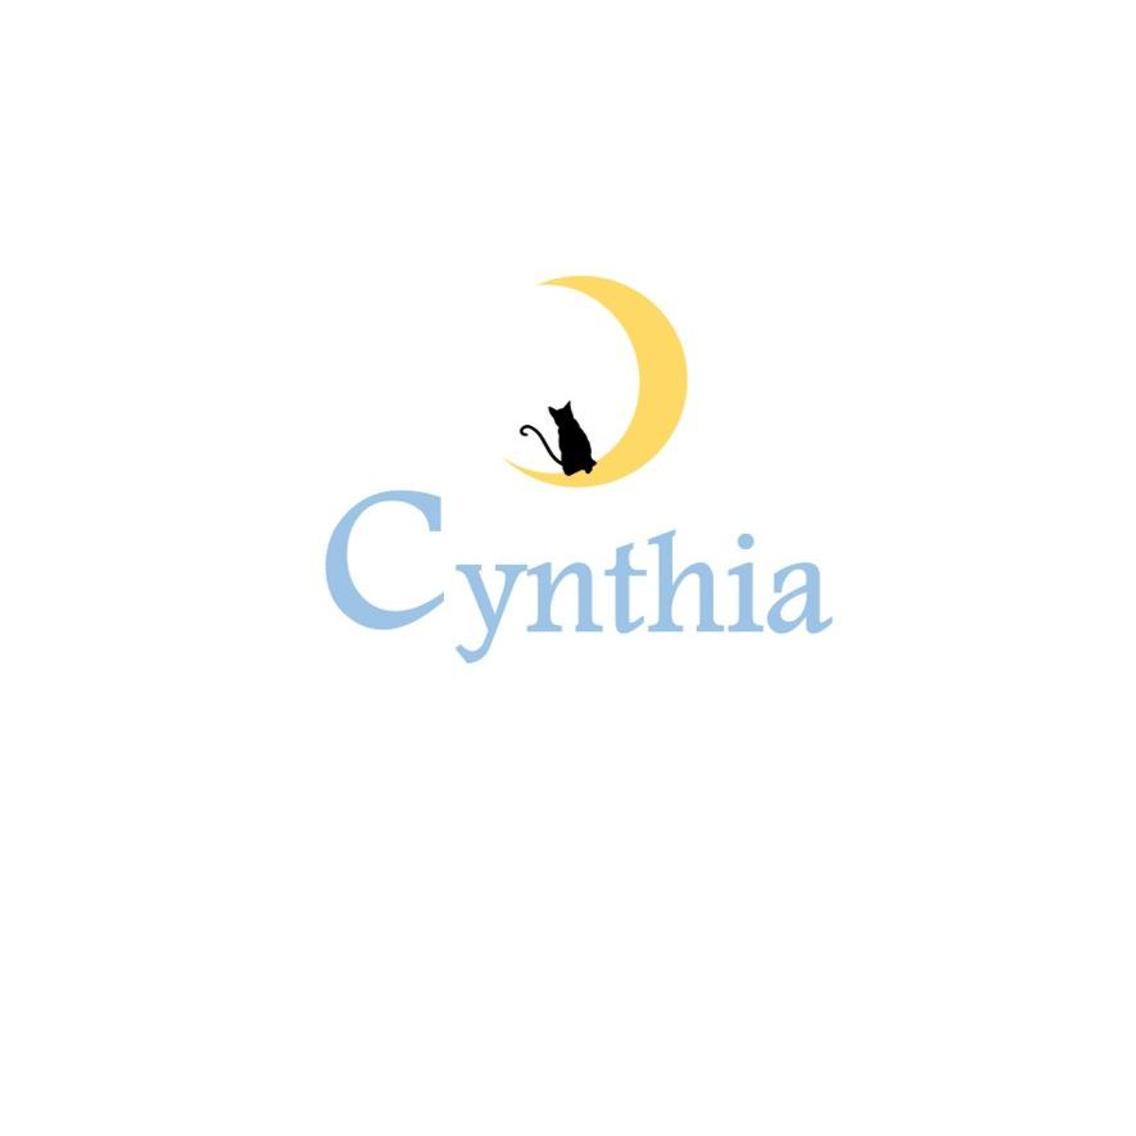 Beautiness Club Cynthia所属・Cynthia木脇の掲載